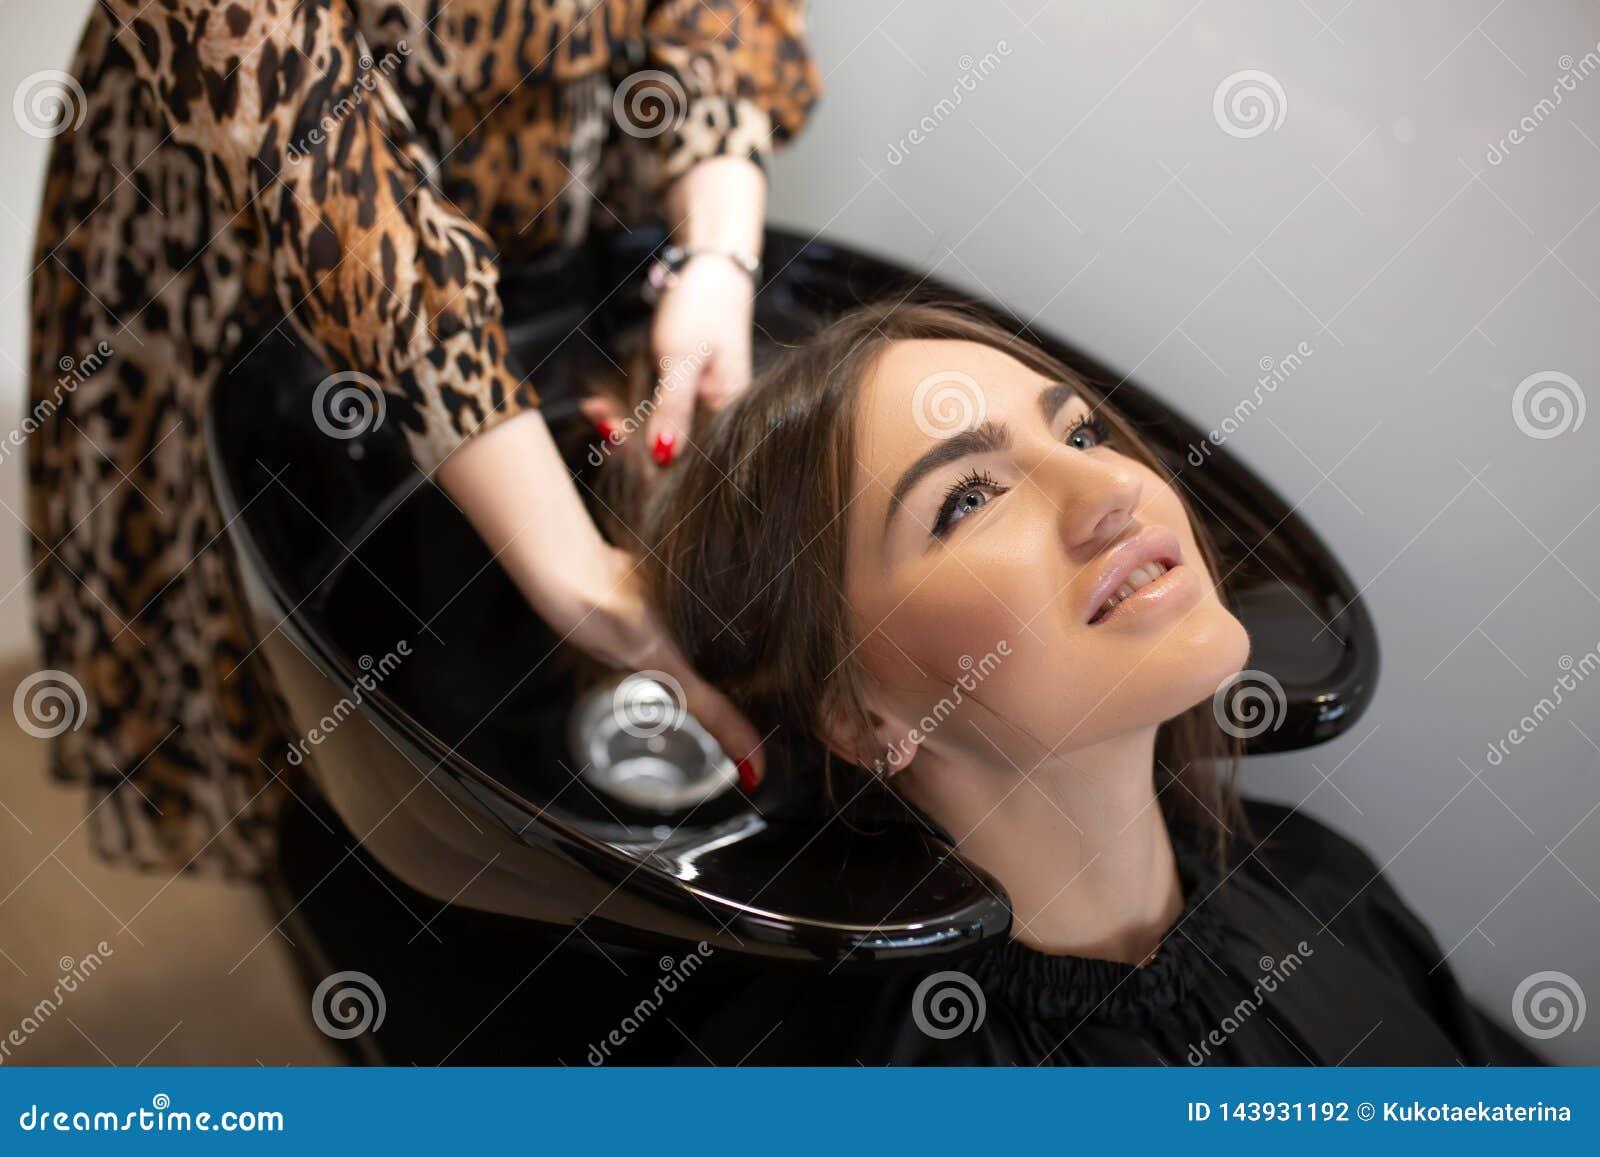 Frisyrförlagen tvättar hår av hennes klient hade